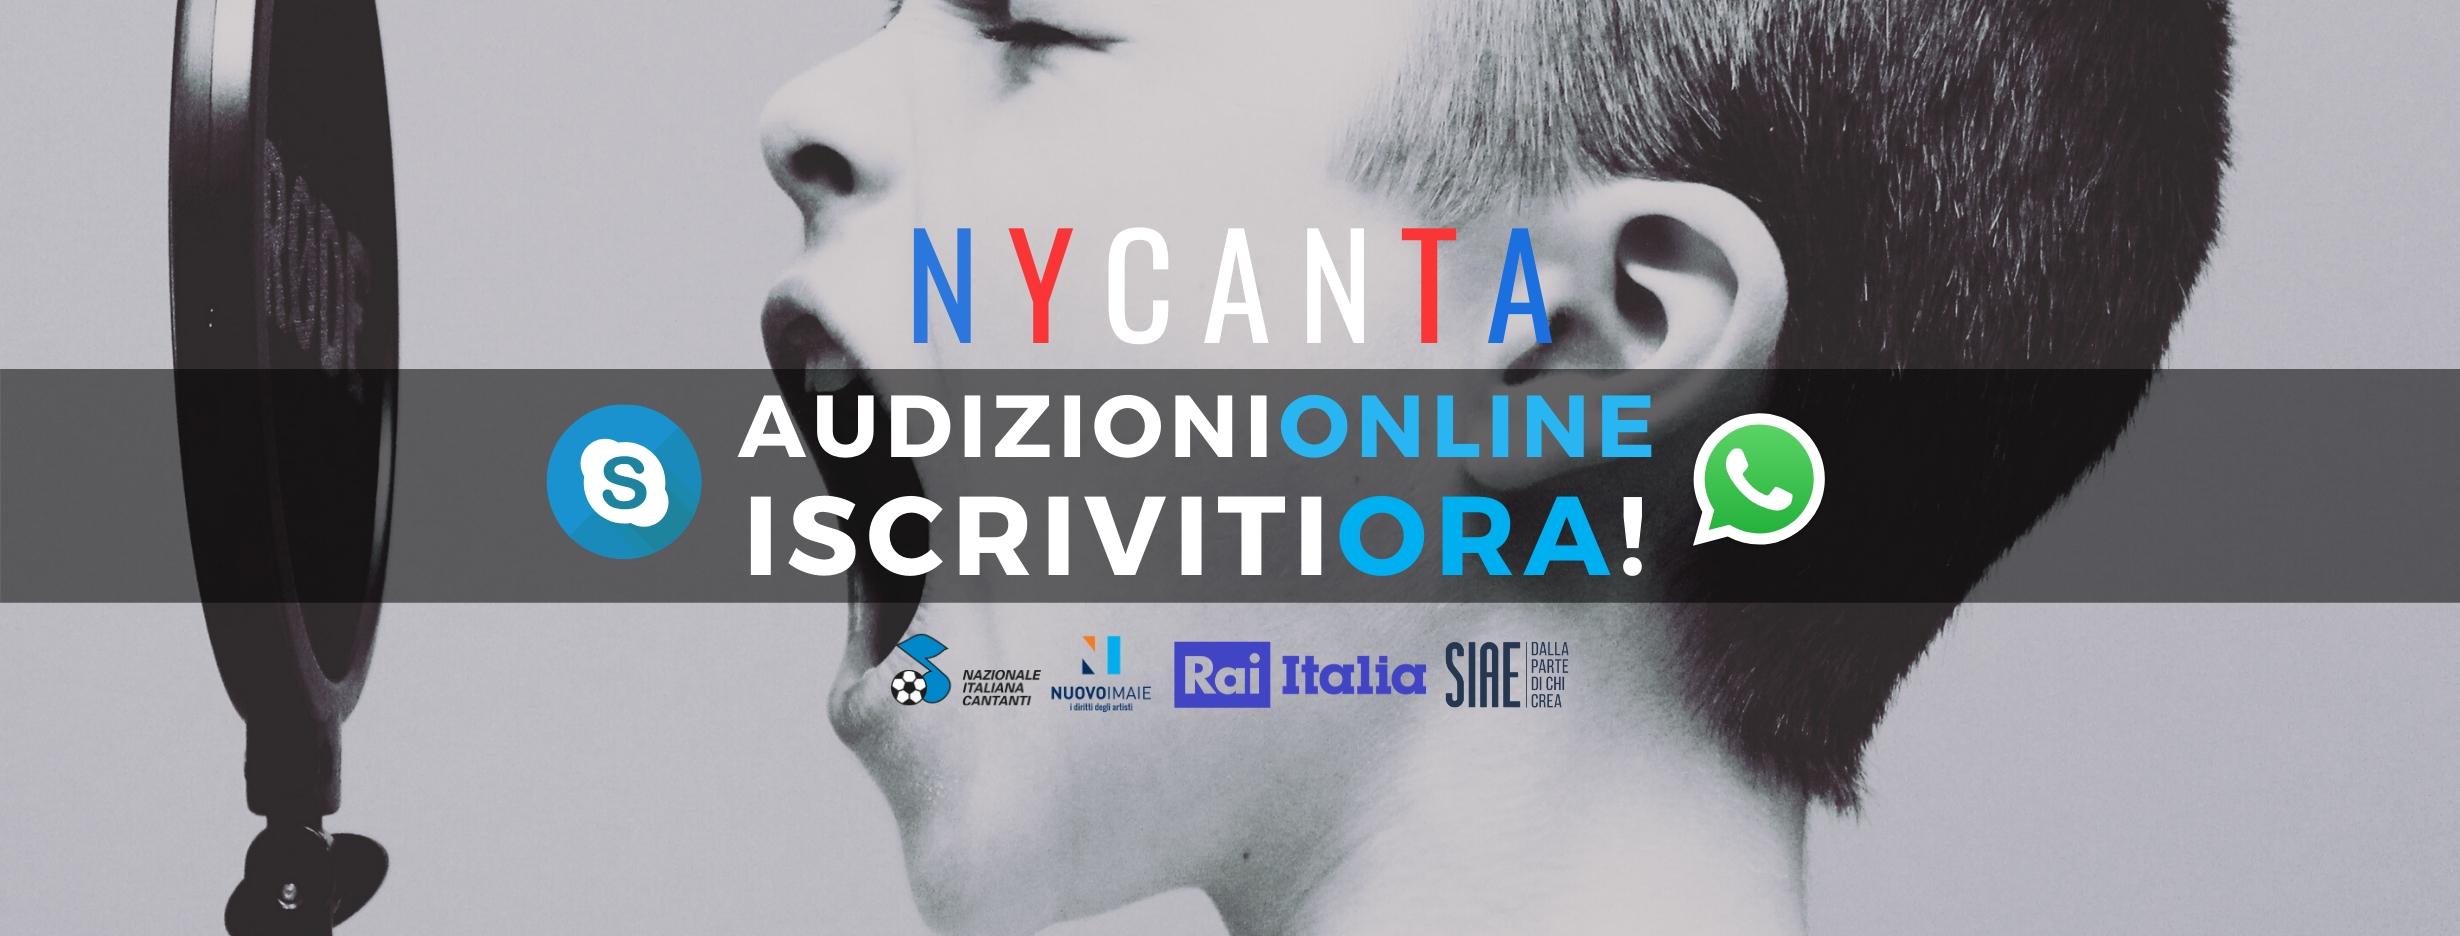 NYCanta